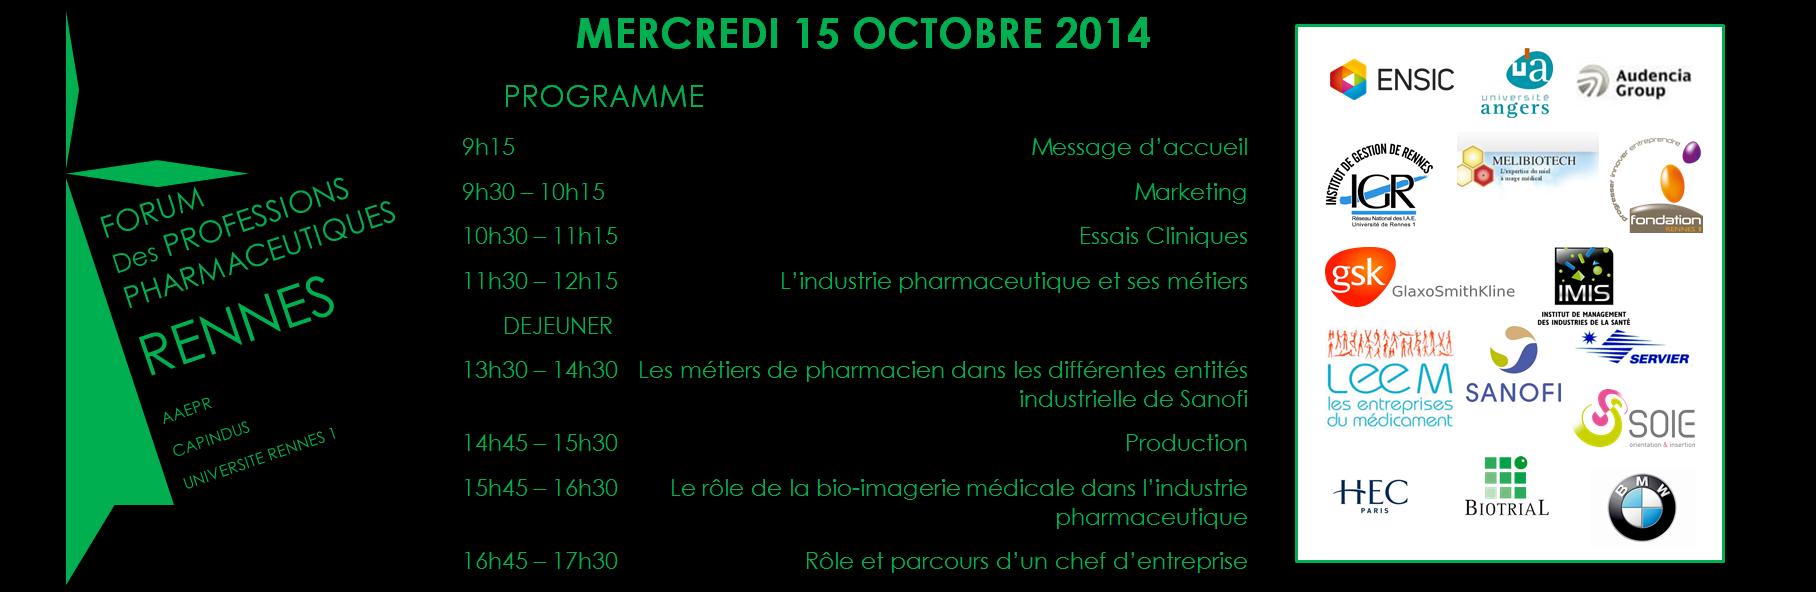 Programme_15.10.14